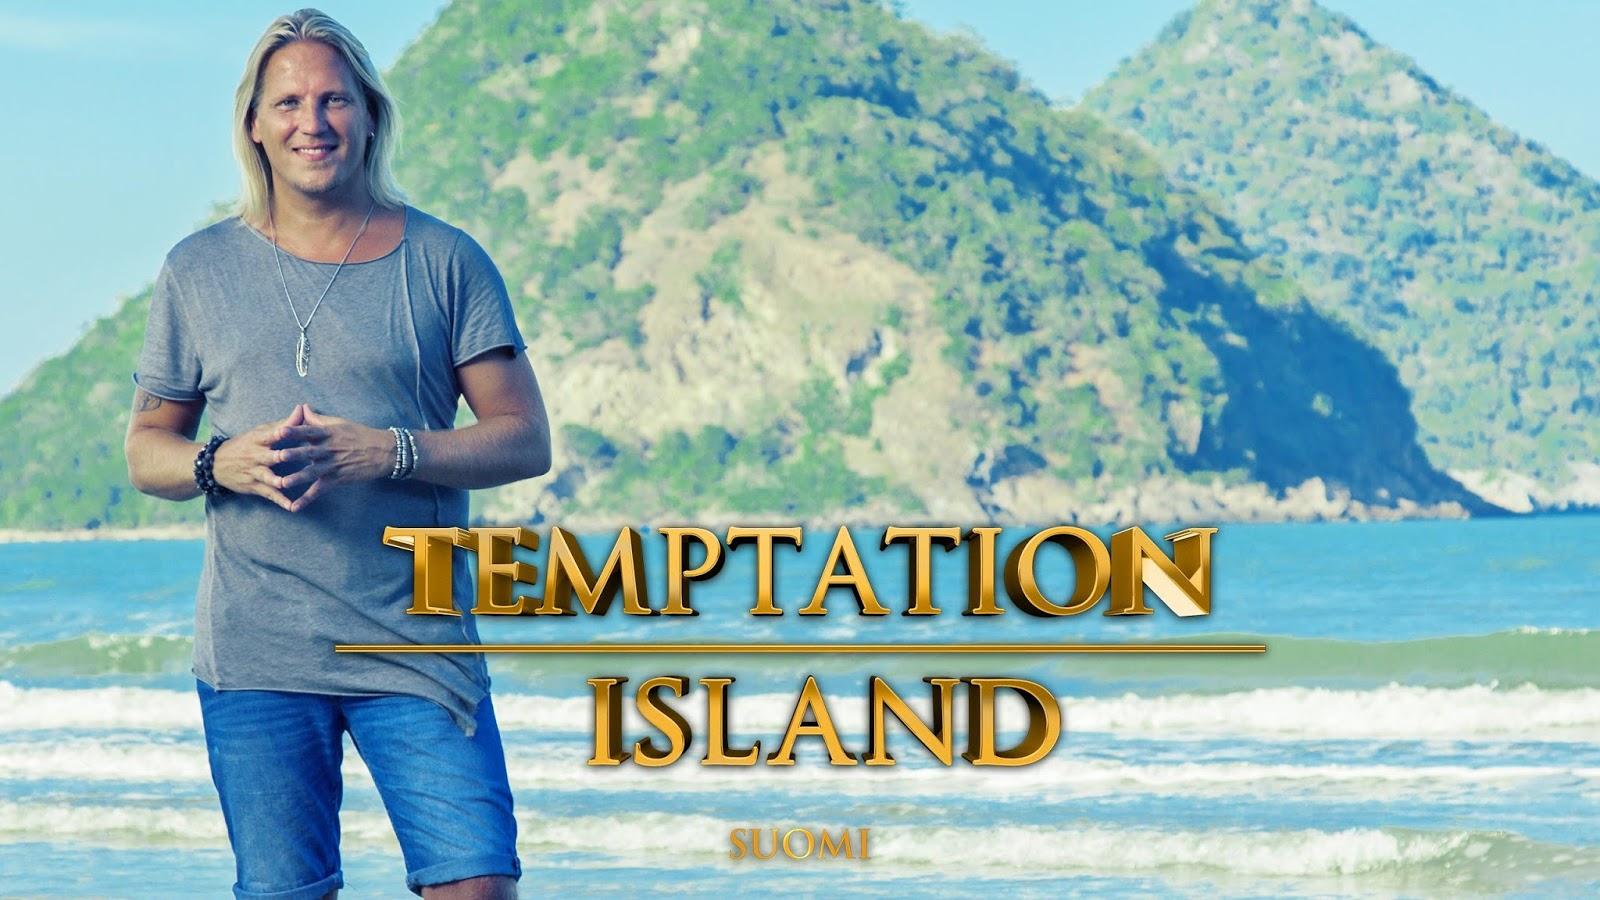 temptation island suomi 2 Sastamala